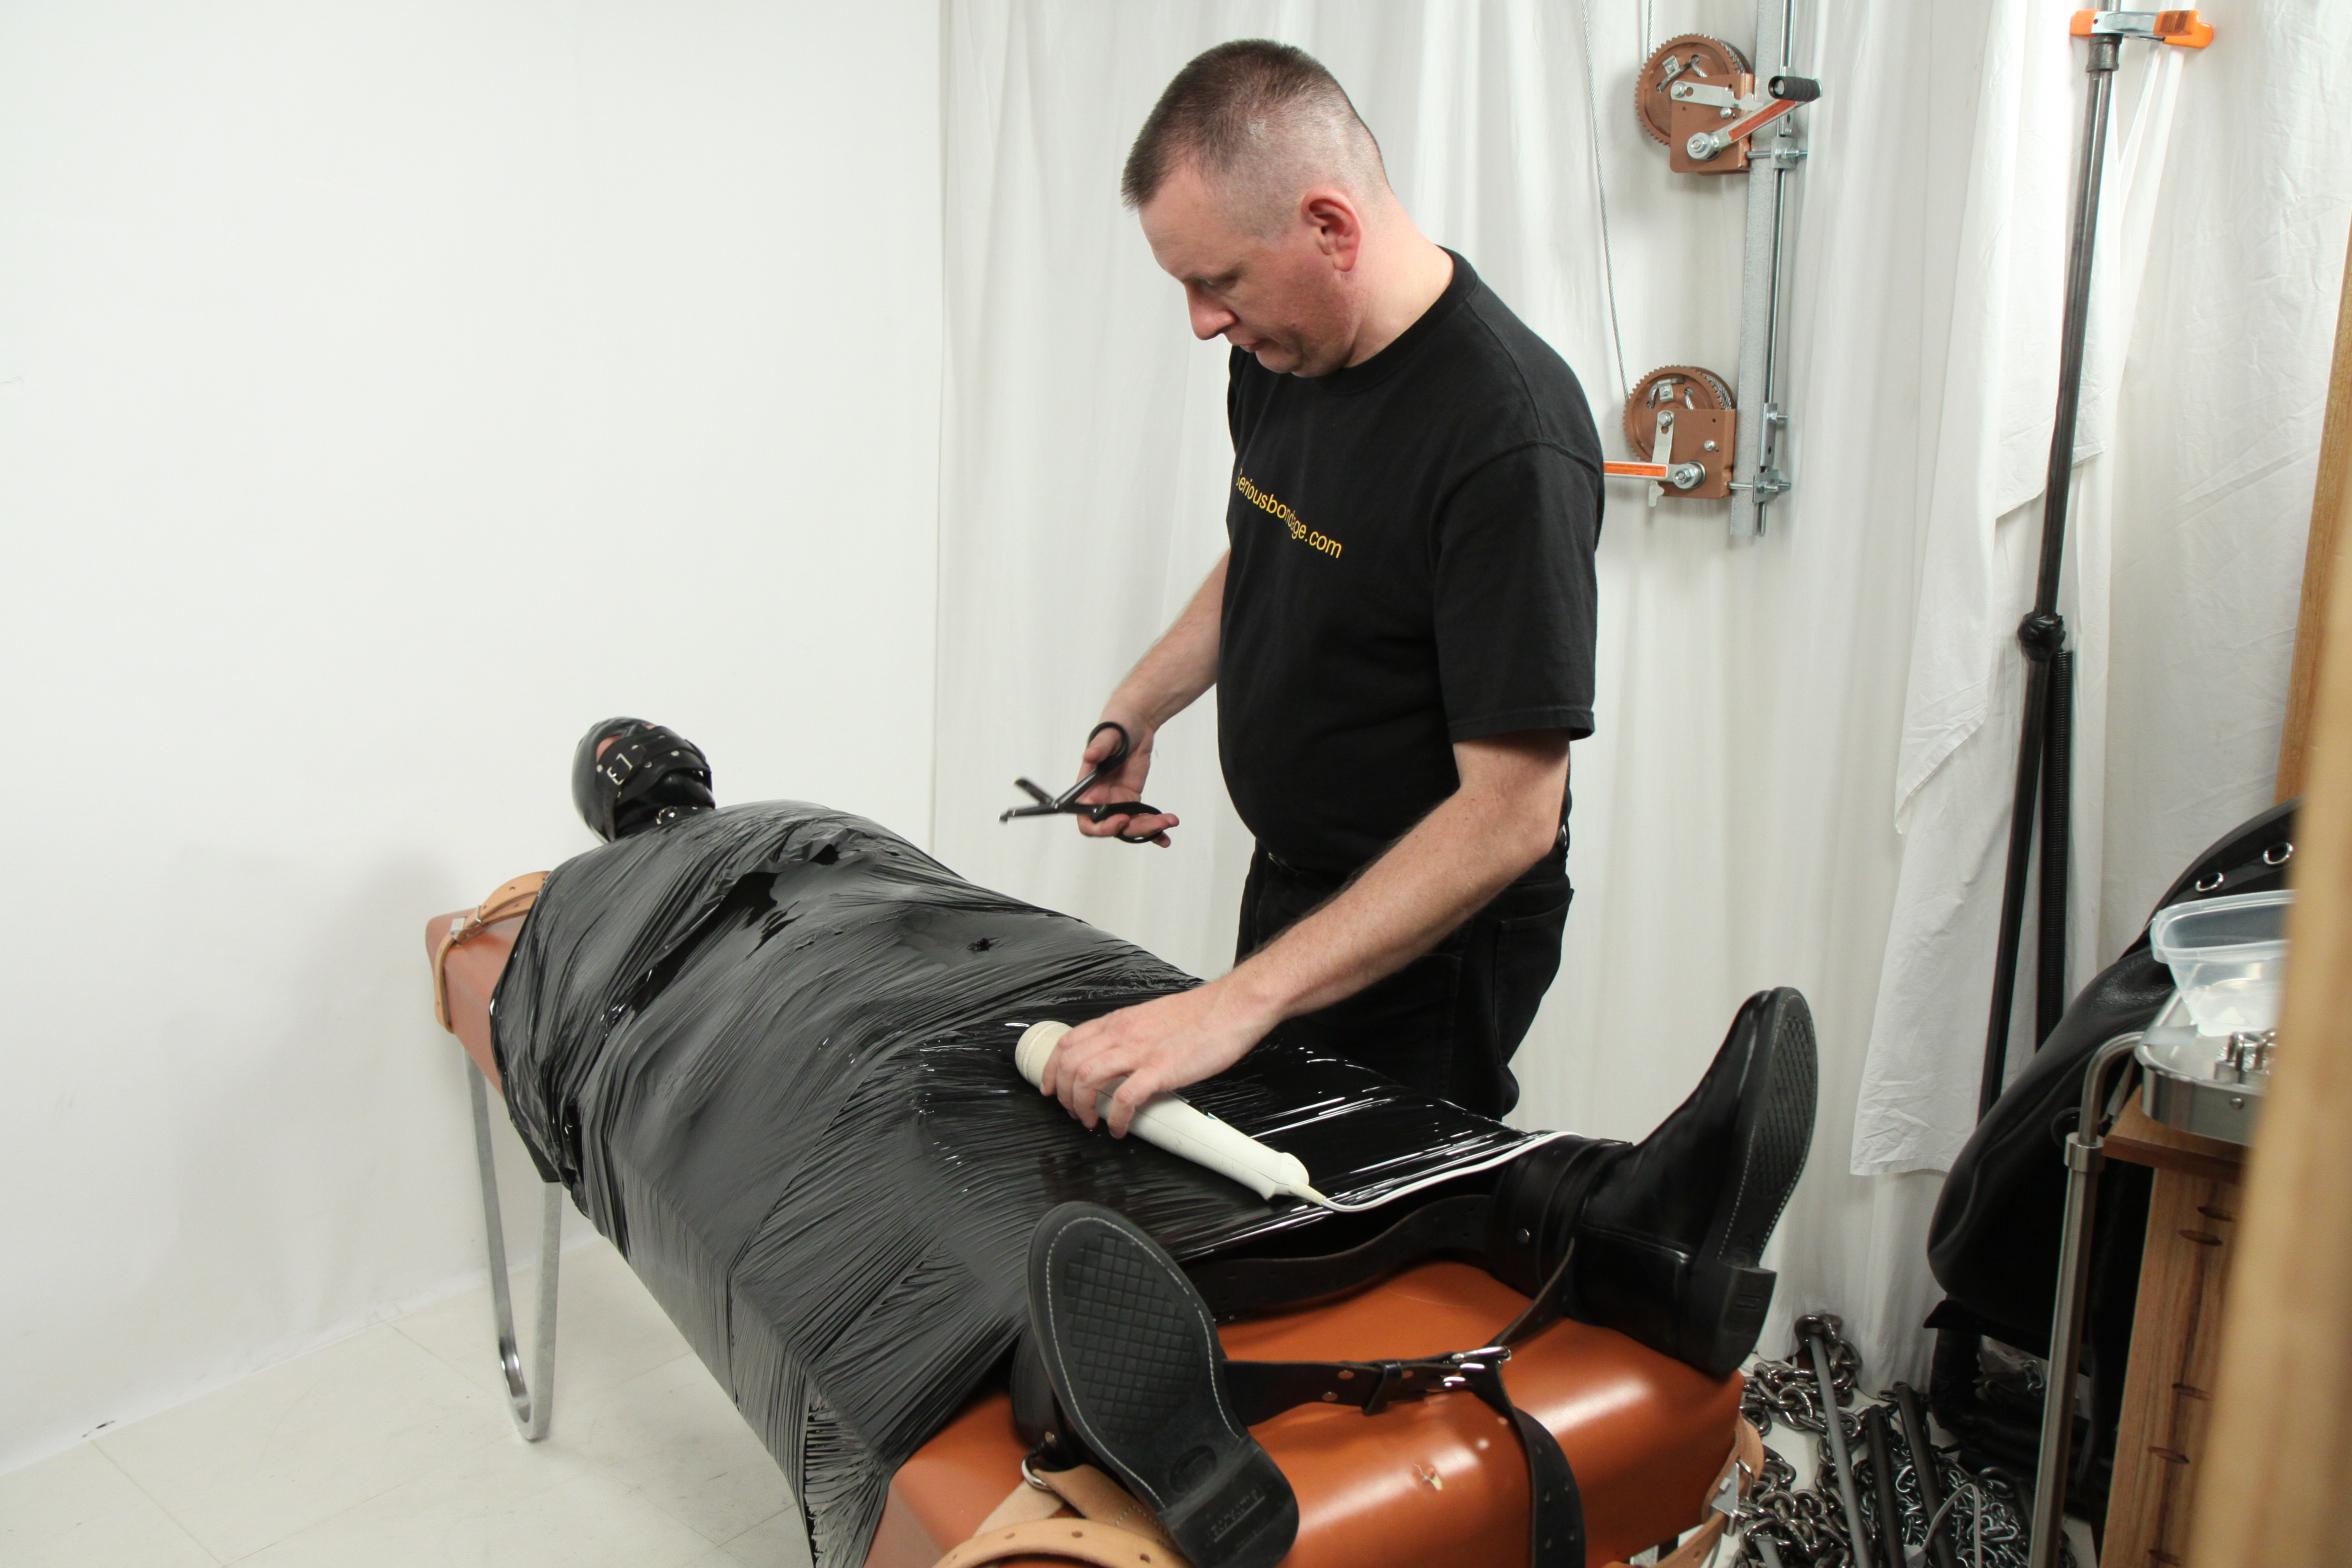 Male bondage experience